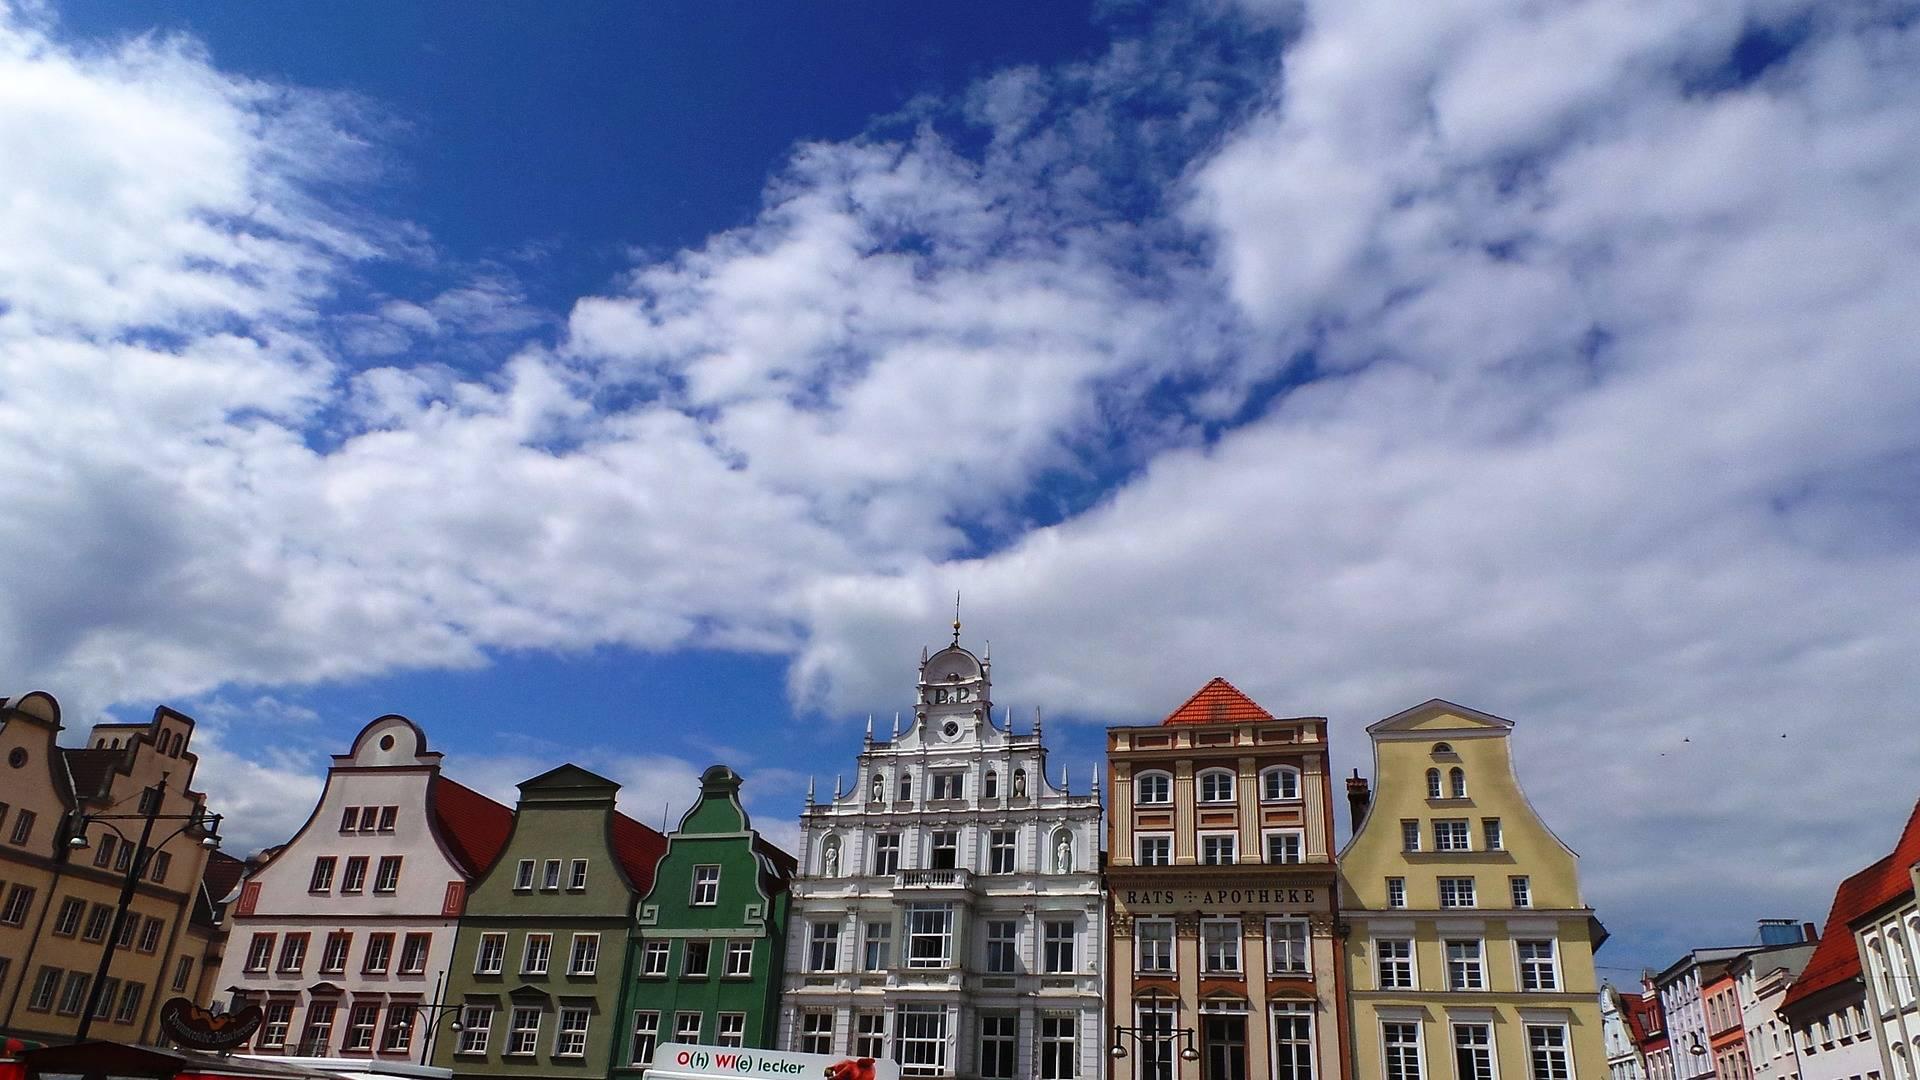 Hier wird gespielt. Auf dem Marktplatz in Rostock vor schöner Kulisse.